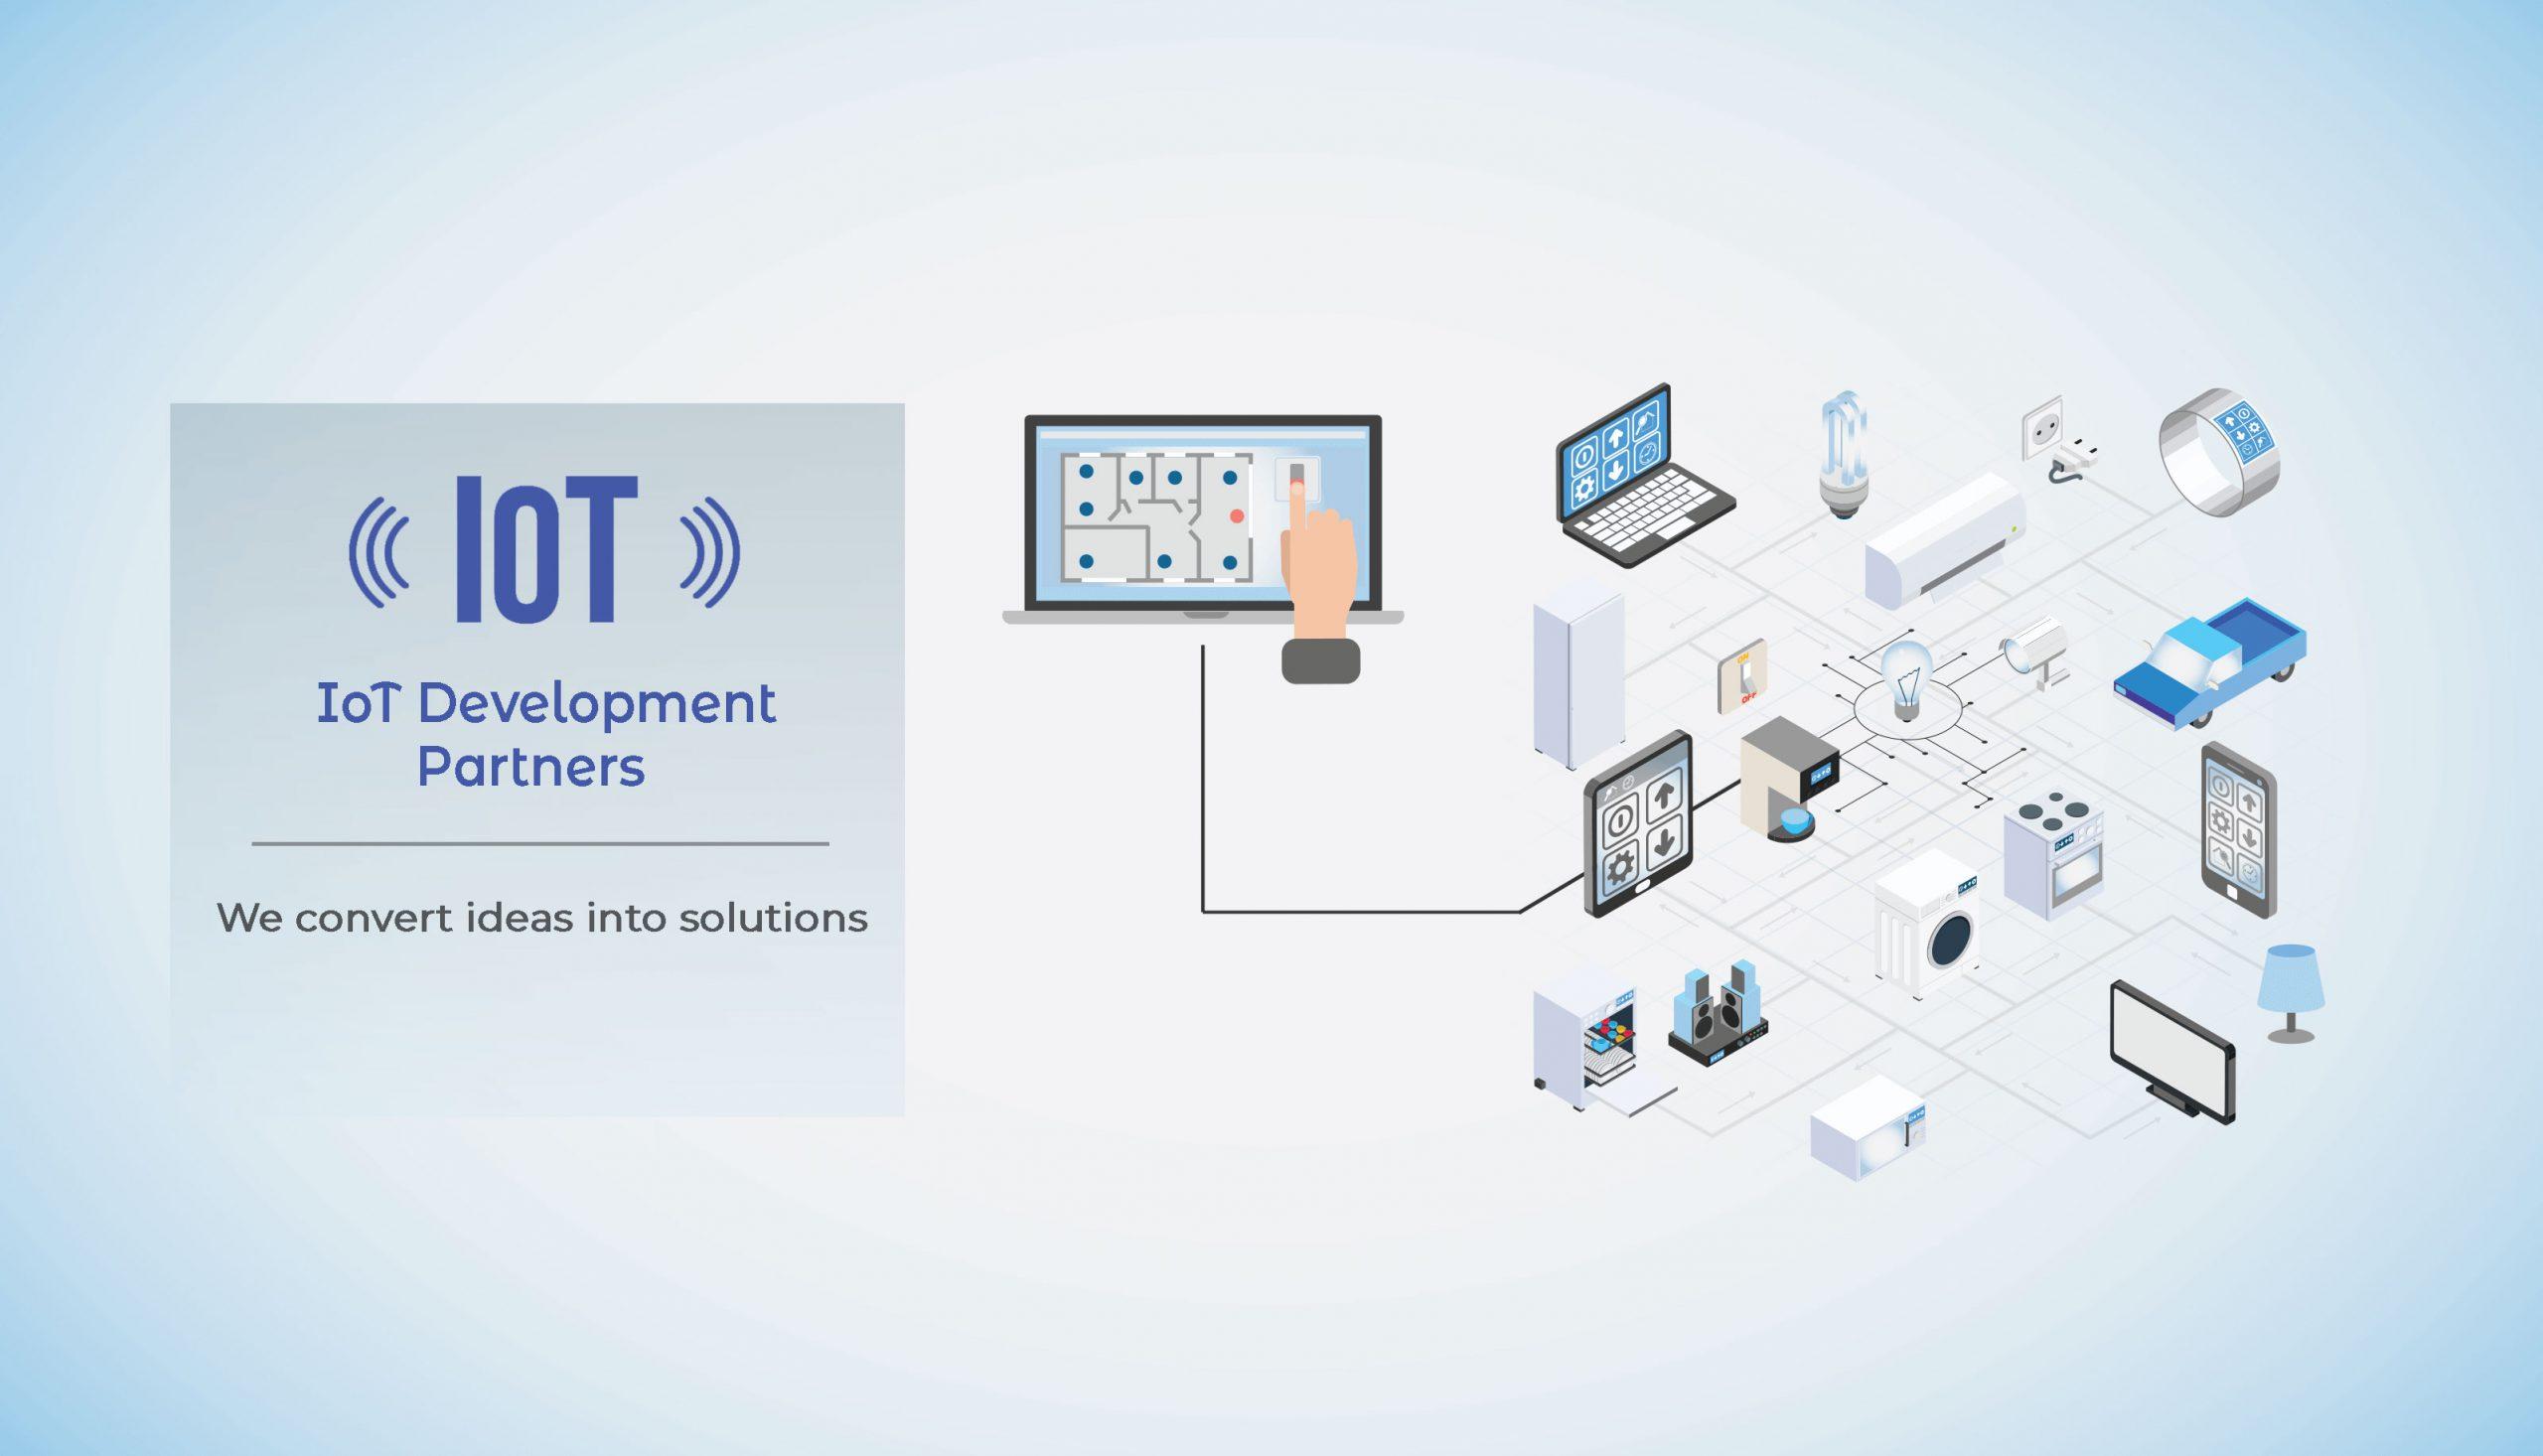 IoT Development Parteners